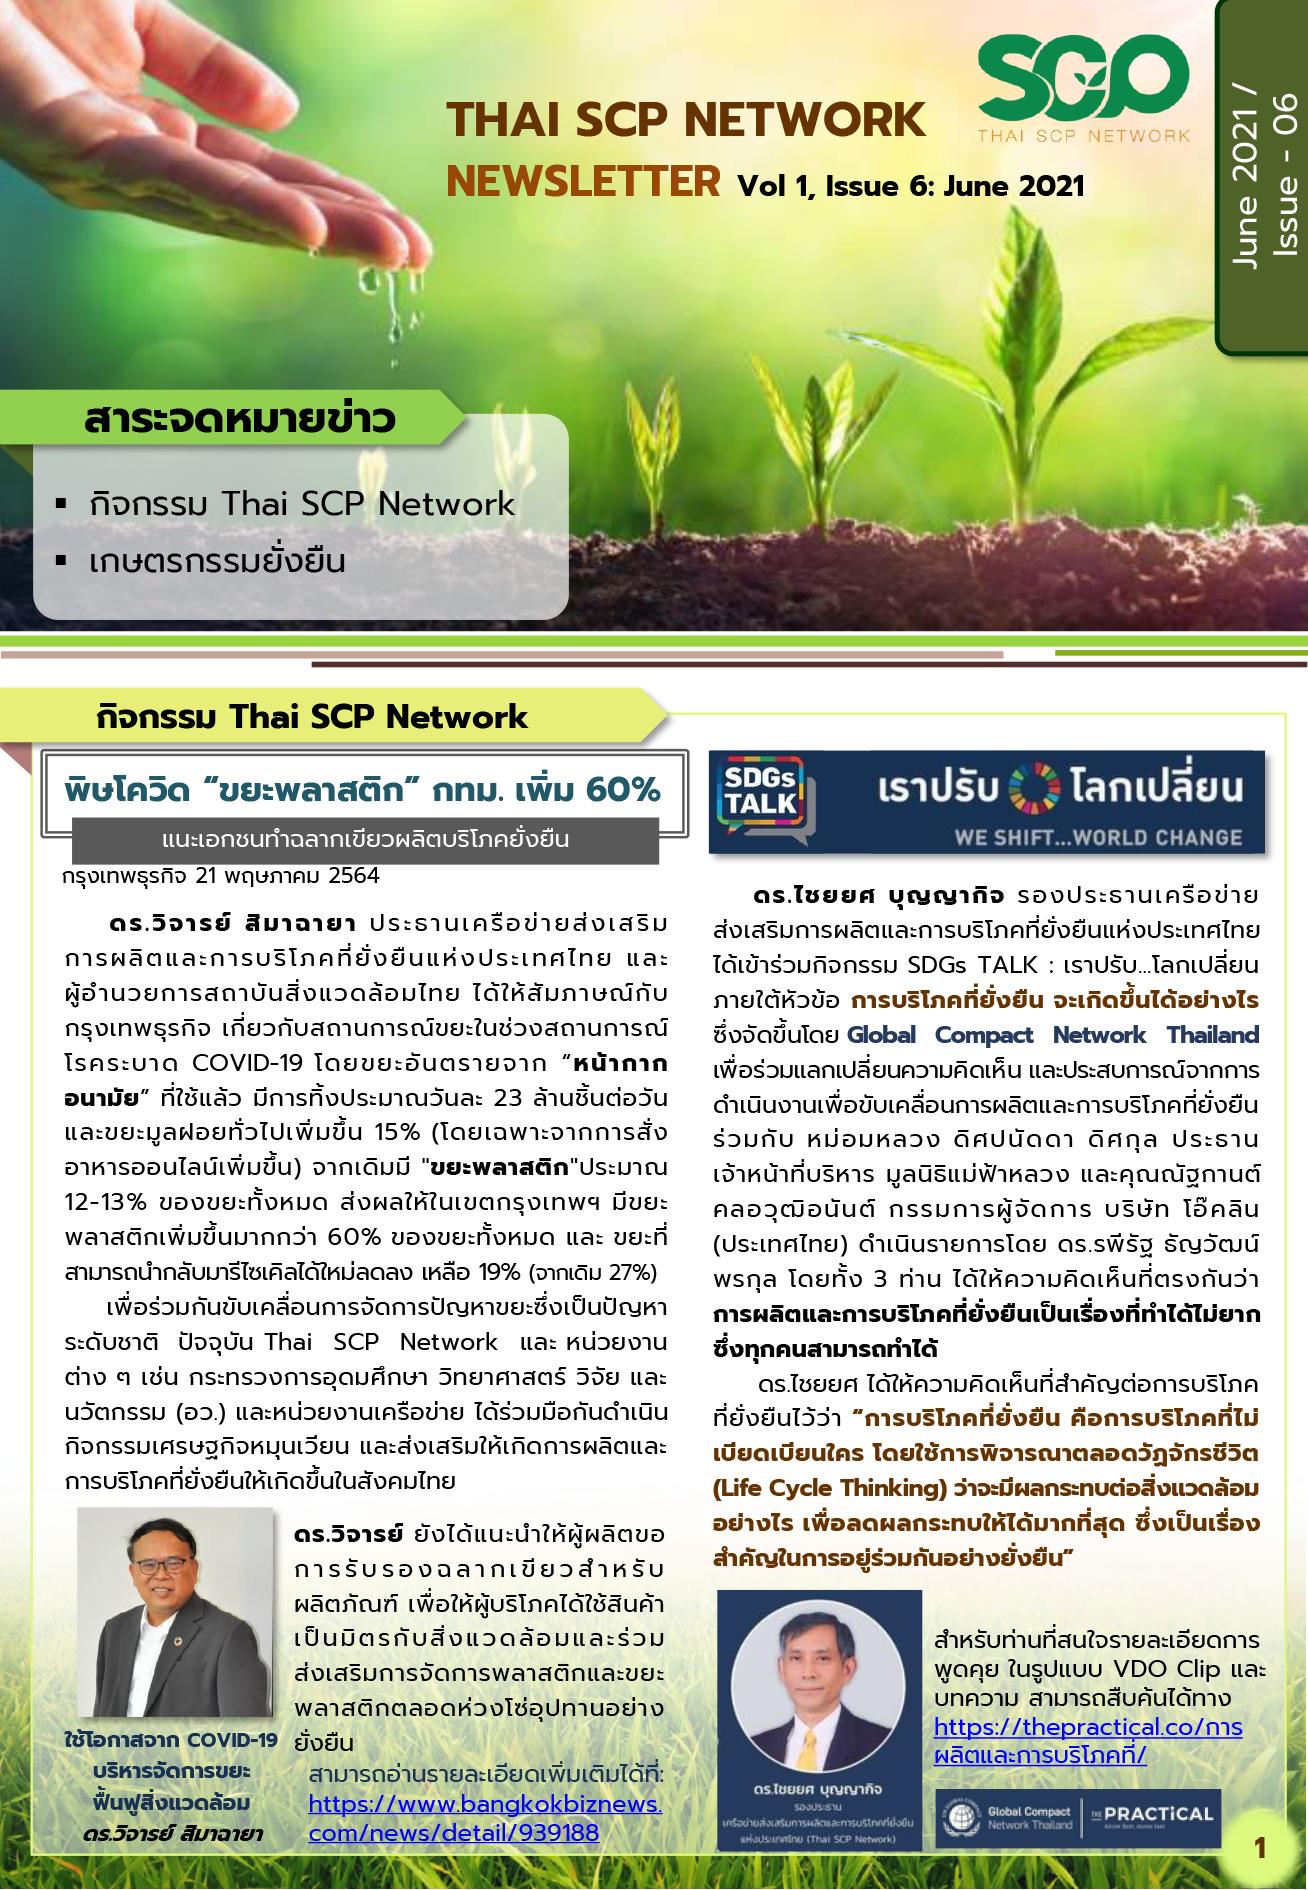 E-NEWSLETTER THAI SCP NETWORK